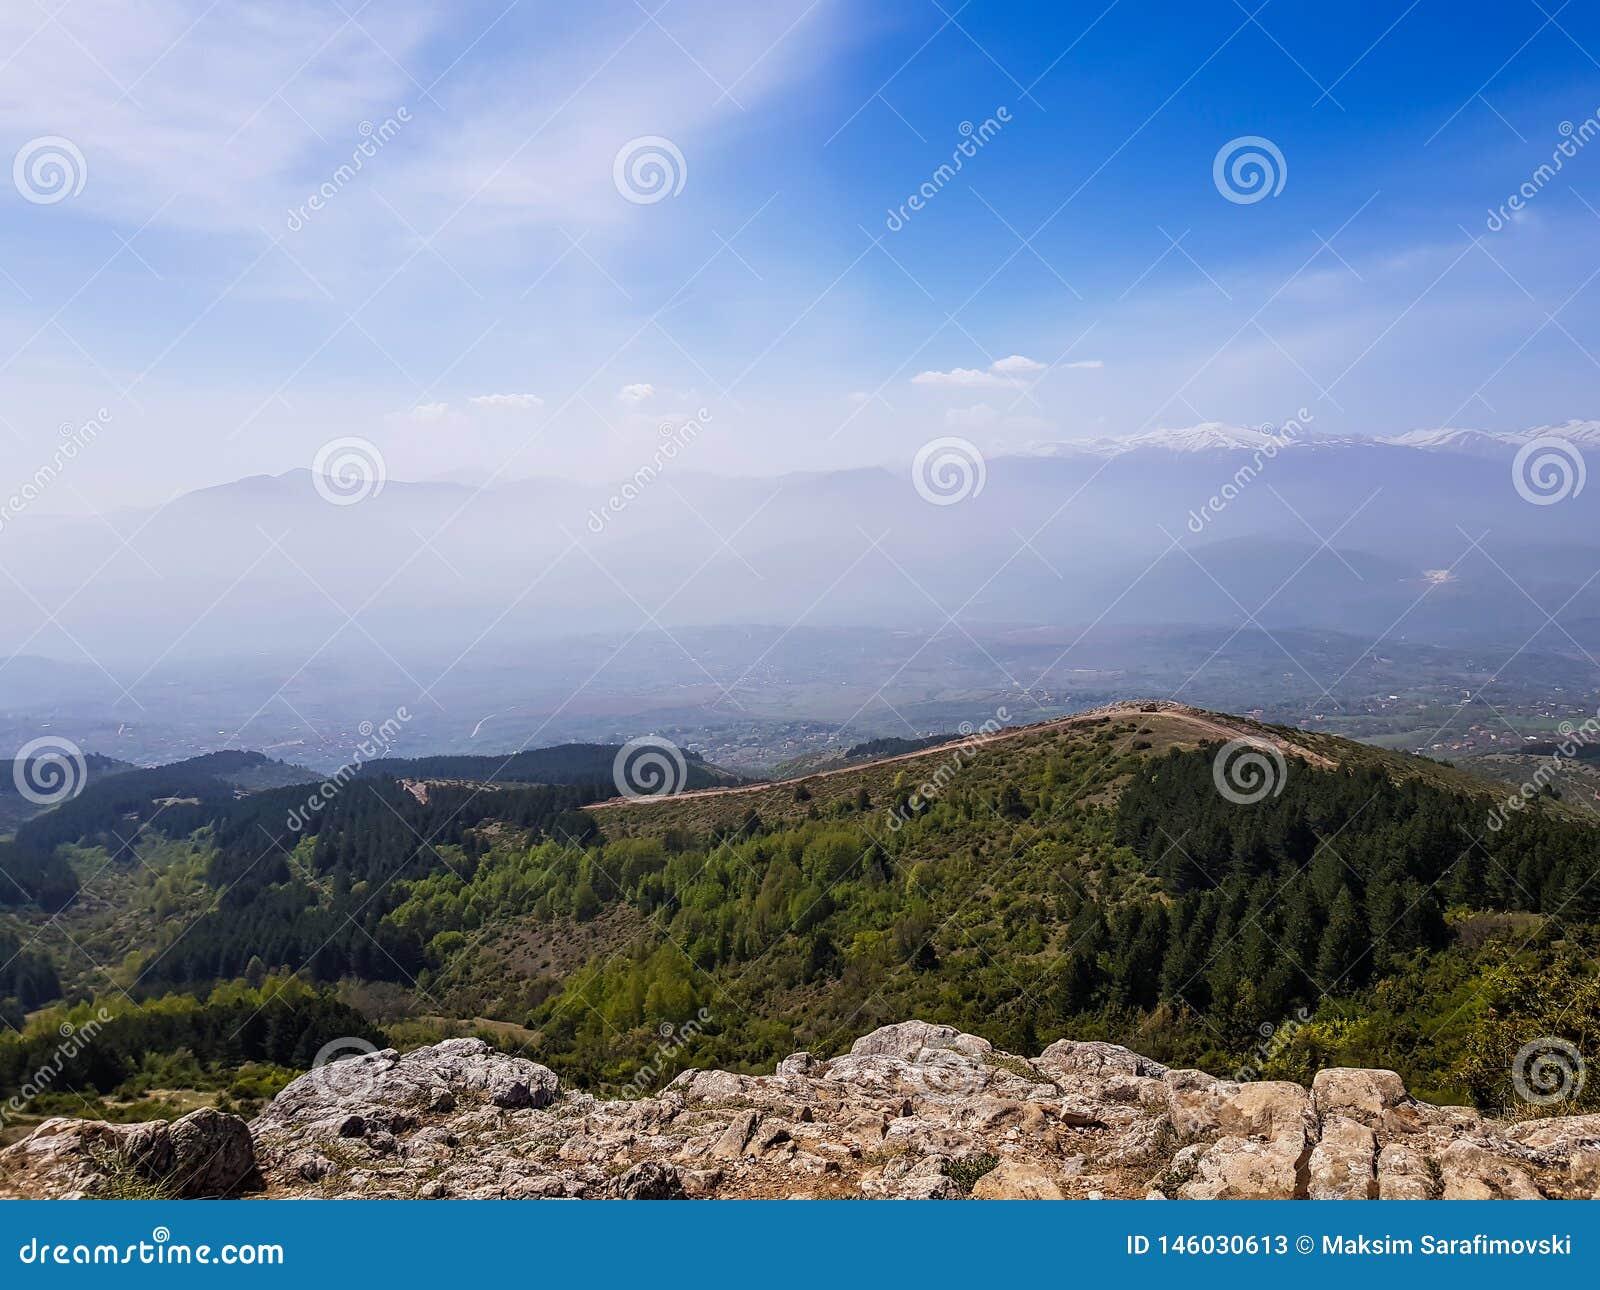 Μια φωτογραφία της σκιαγραφίας βουνών με την ομίχλη